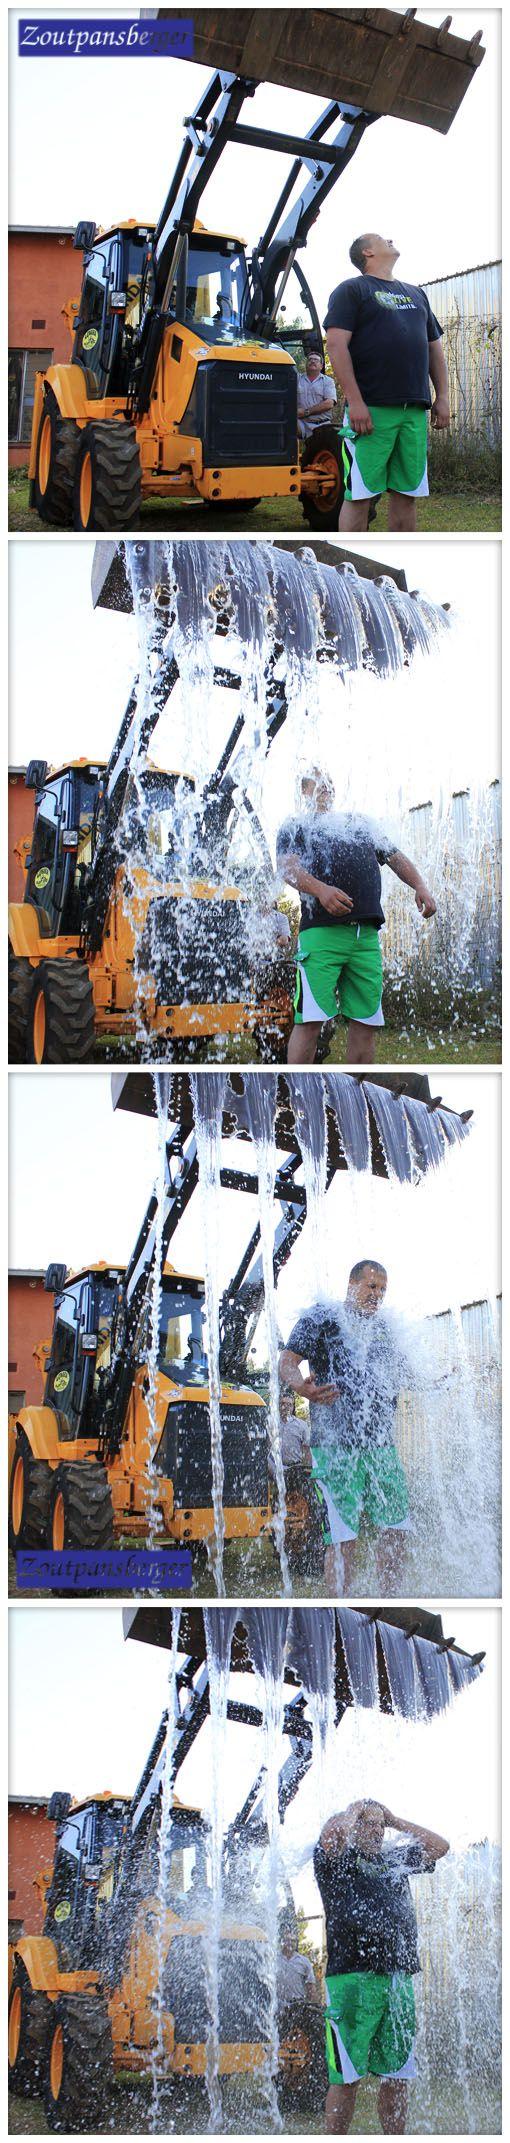 12 September 2014 - Oswald Eveleigh van Makhado (Louis Trichardt) het groot gegaan met sy uitdaging, en 'n tru-grawer gekry om water oor hom uit te gooi vir sy ysbakuitdaging.